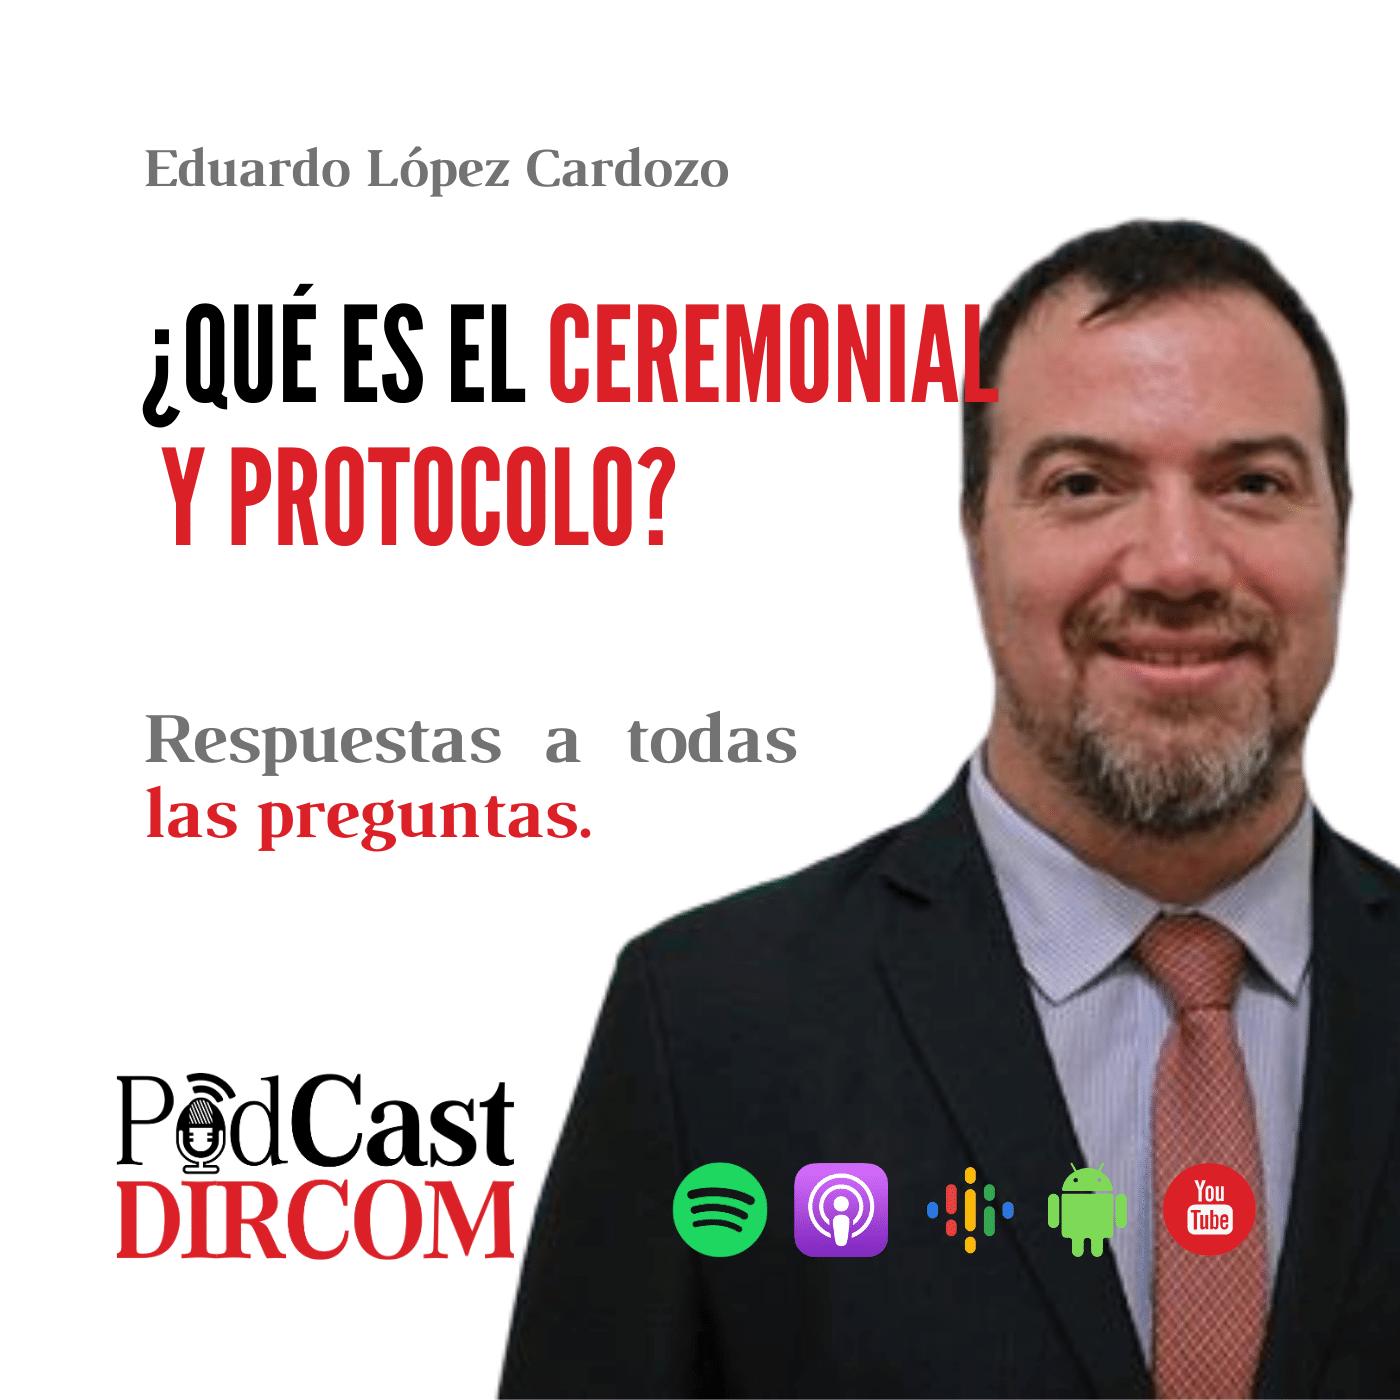 ¿Qué es el Ceremonial y Protocolo?